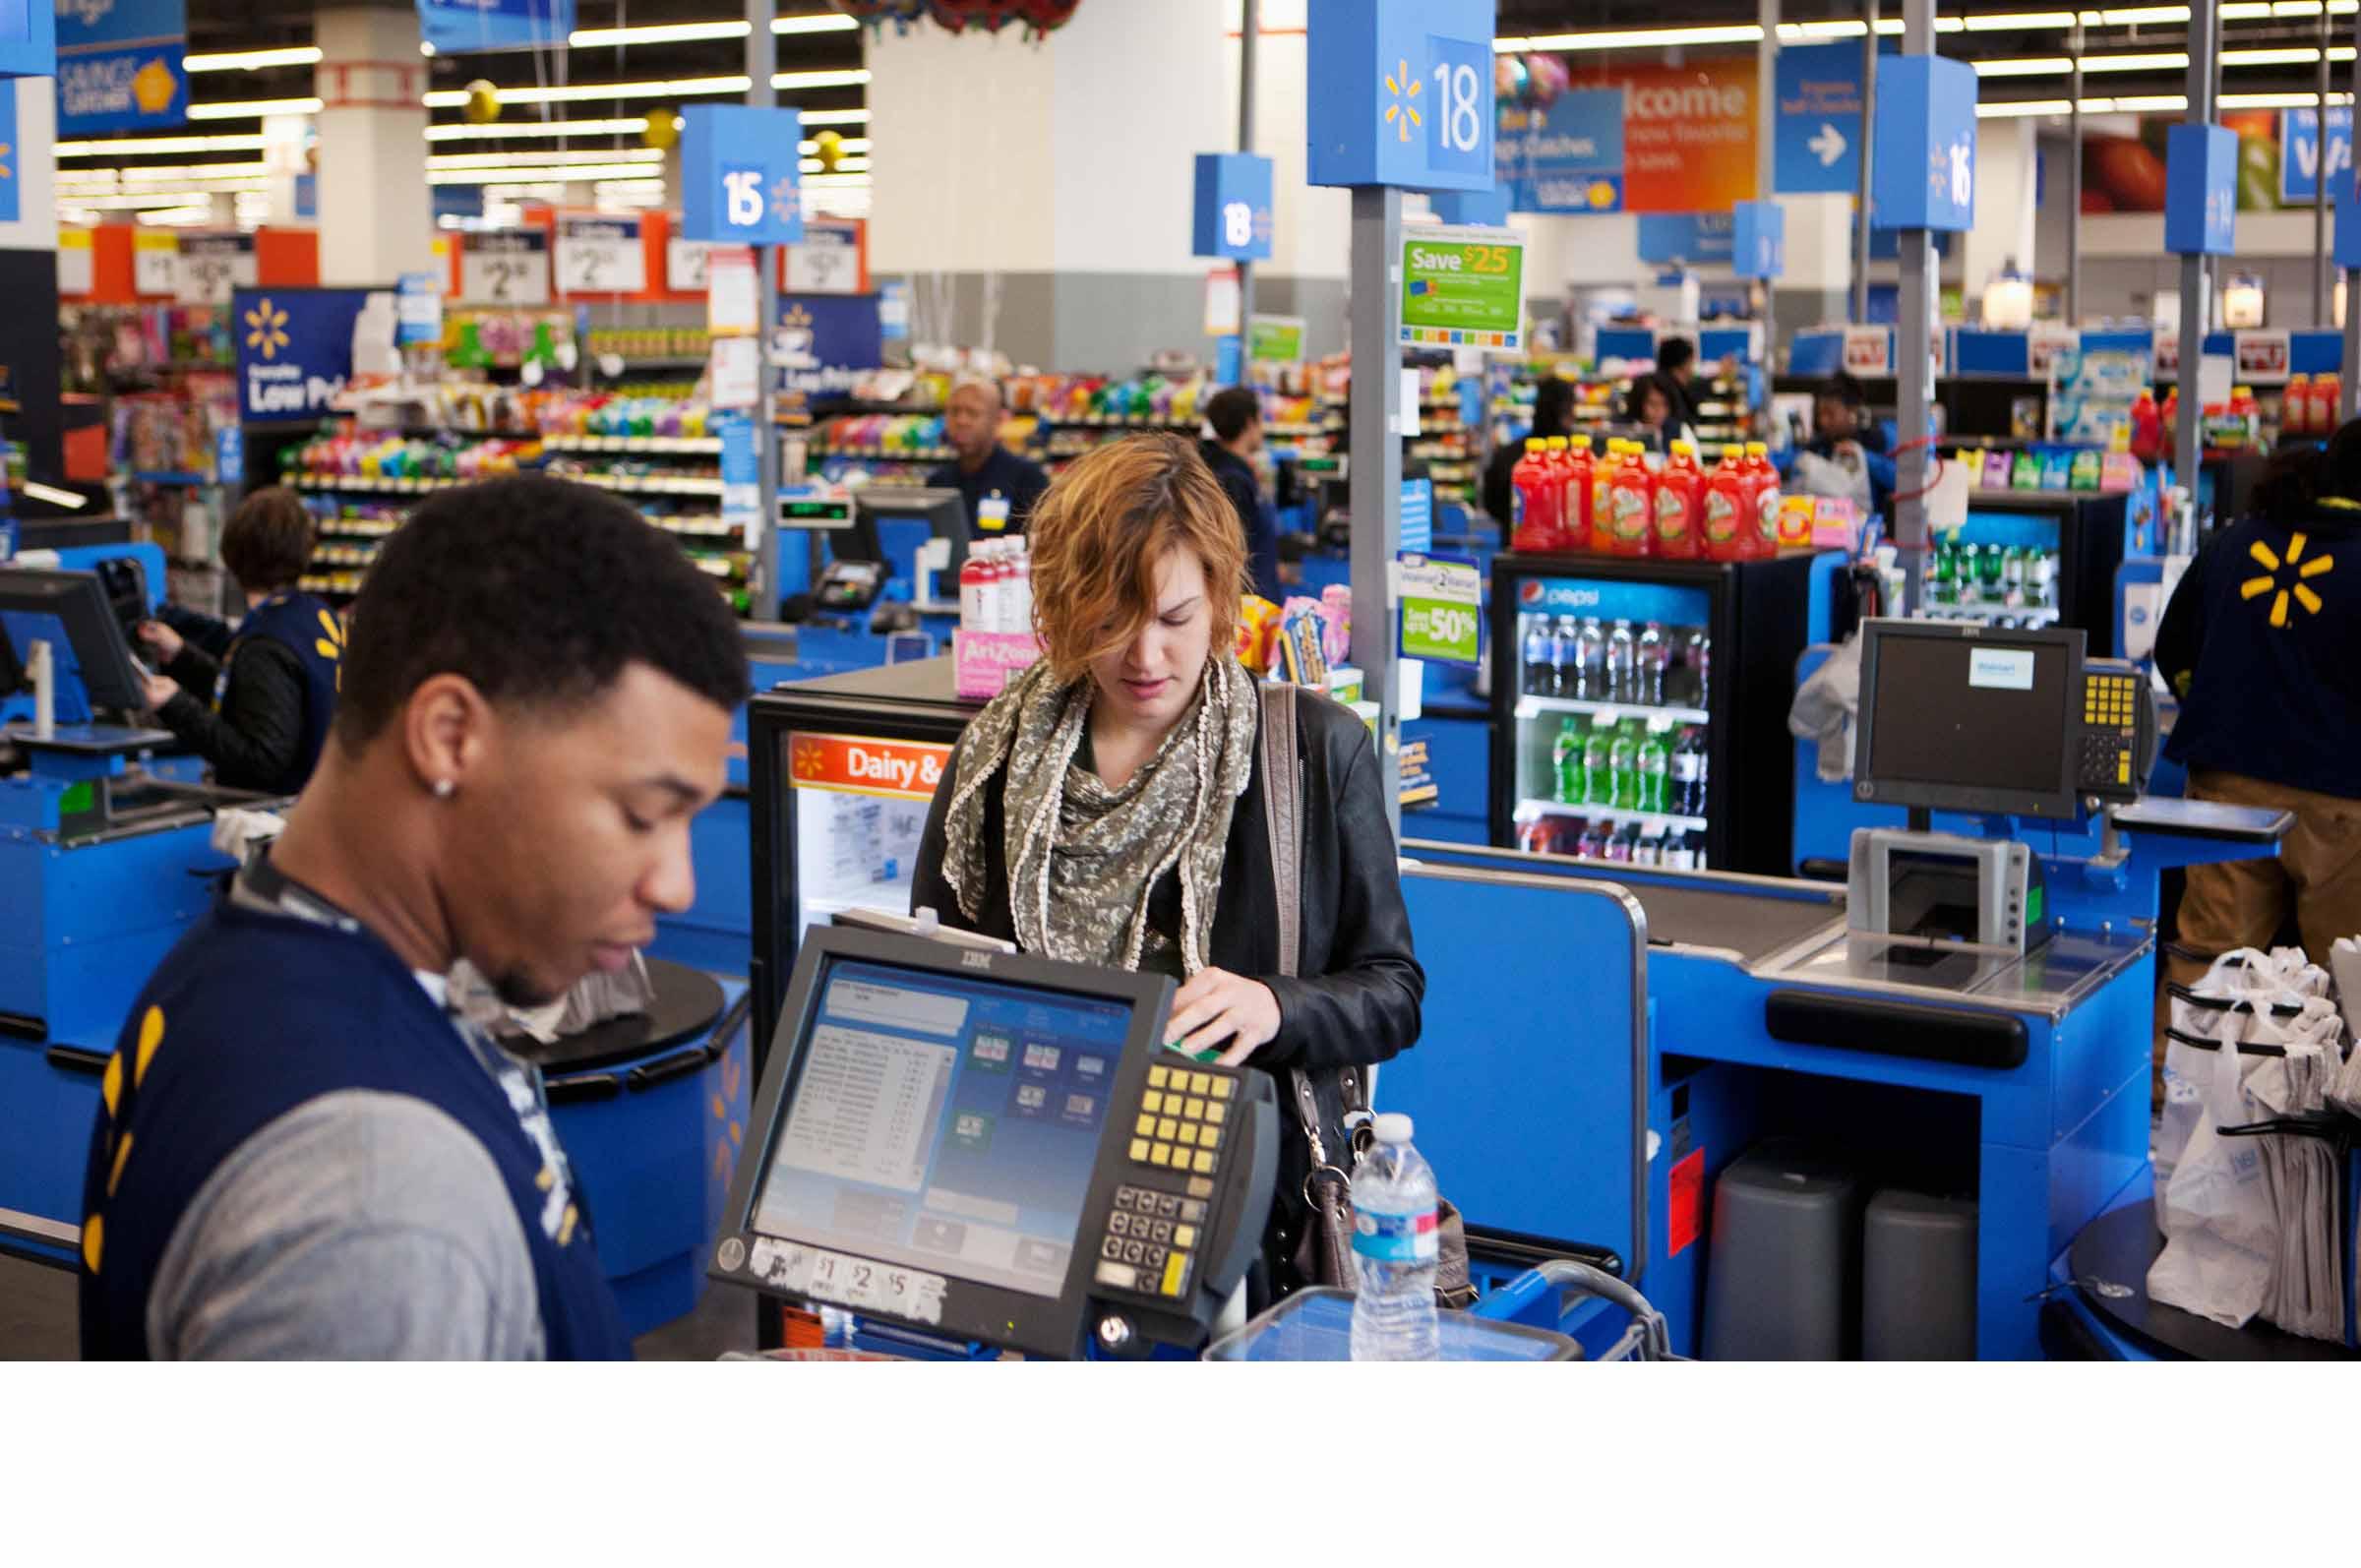 La innovación forma parte de la estrategia de la compañía para agilizar y facilitar las compras